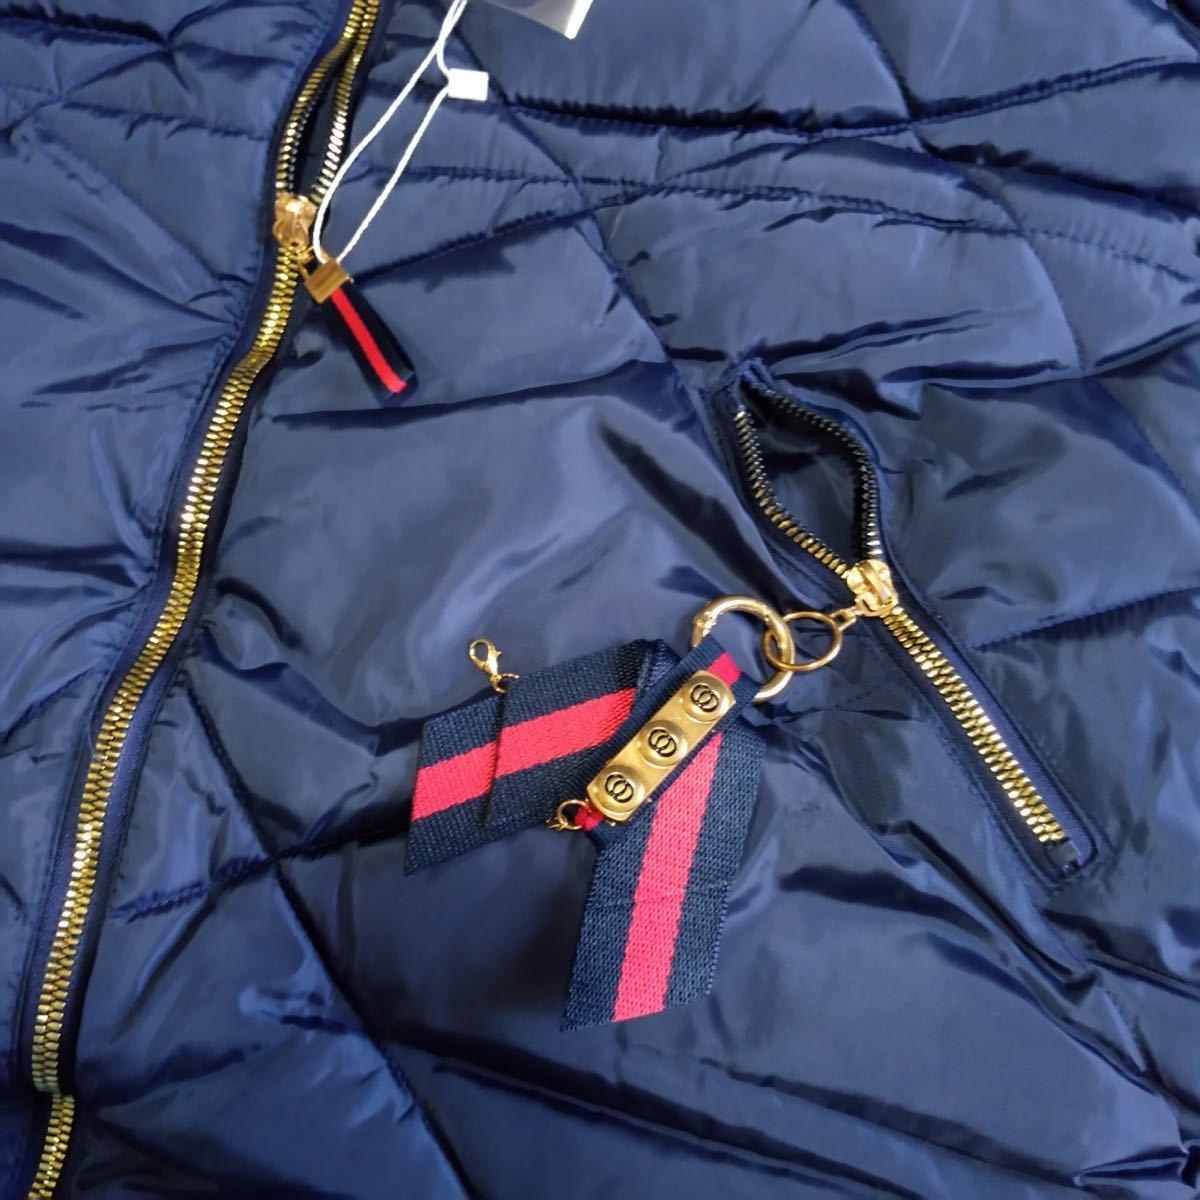 ロング丈 ダウンジャケット 中綿コート ダウンコート 防寒 ロングコート 中綿ジャケット アウター ダウンコートレディース 中綿